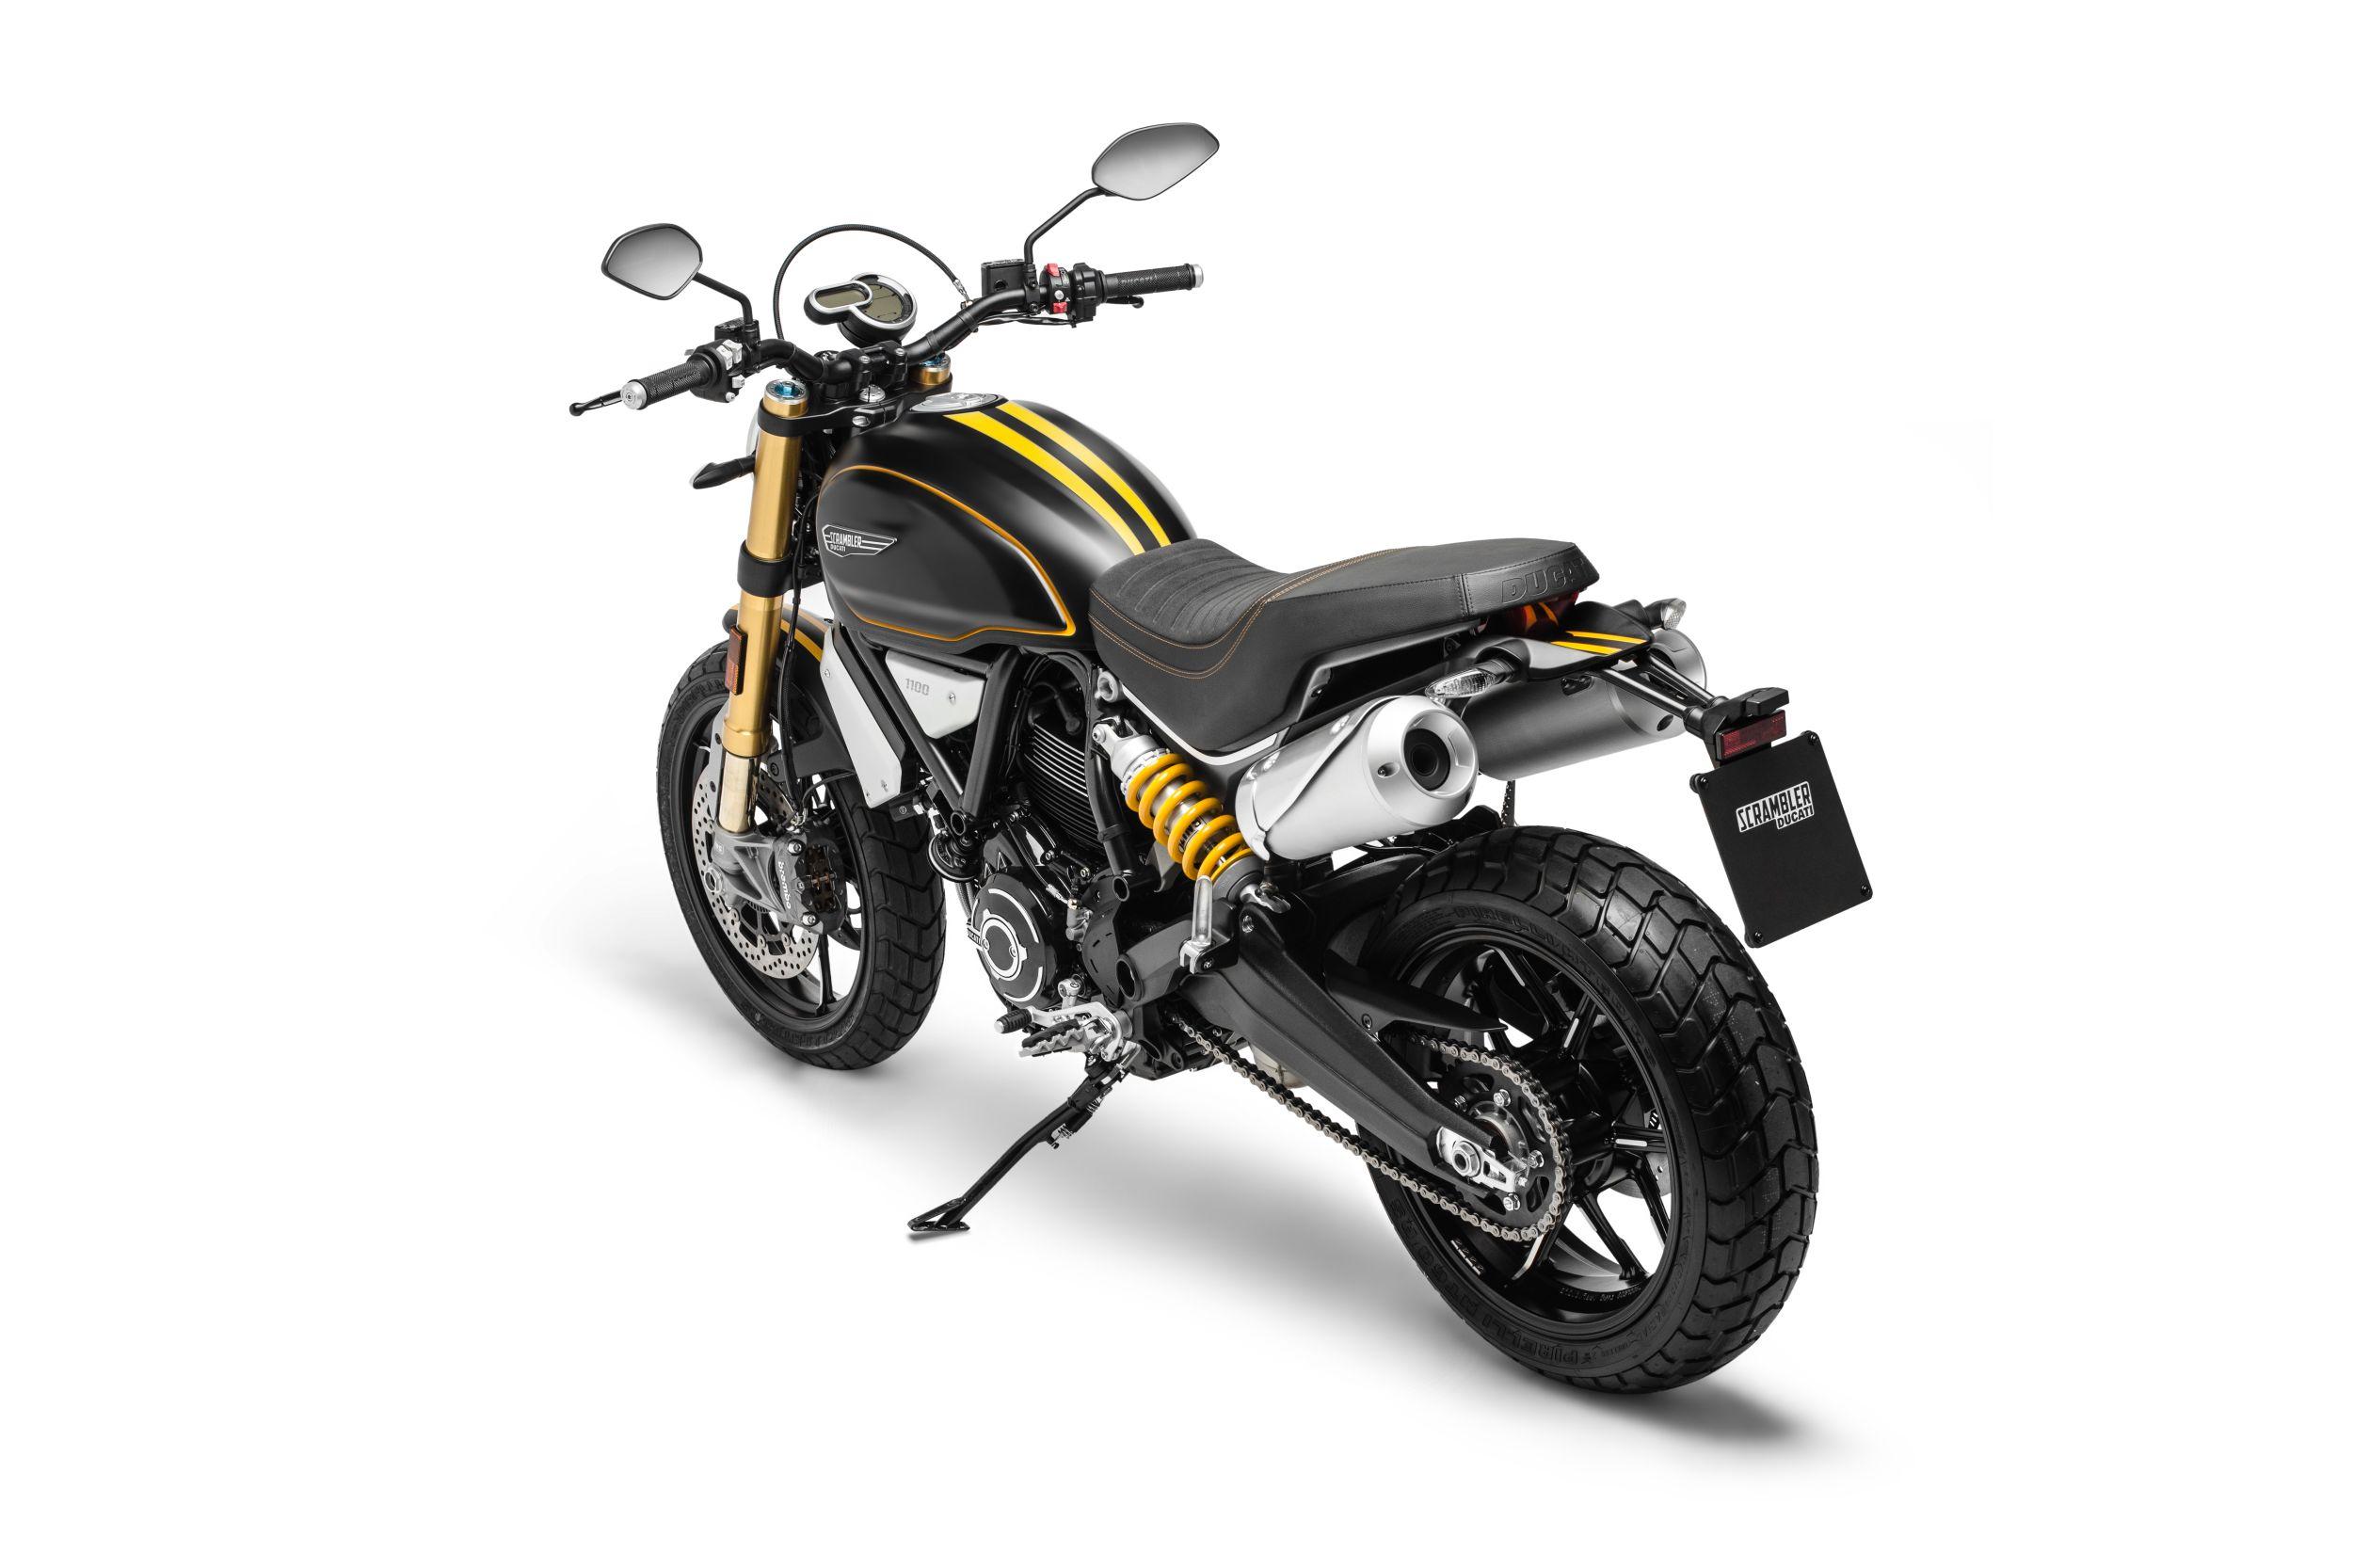 gebrauchte ducati scrambler 1100 sport motorr der kaufen. Black Bedroom Furniture Sets. Home Design Ideas